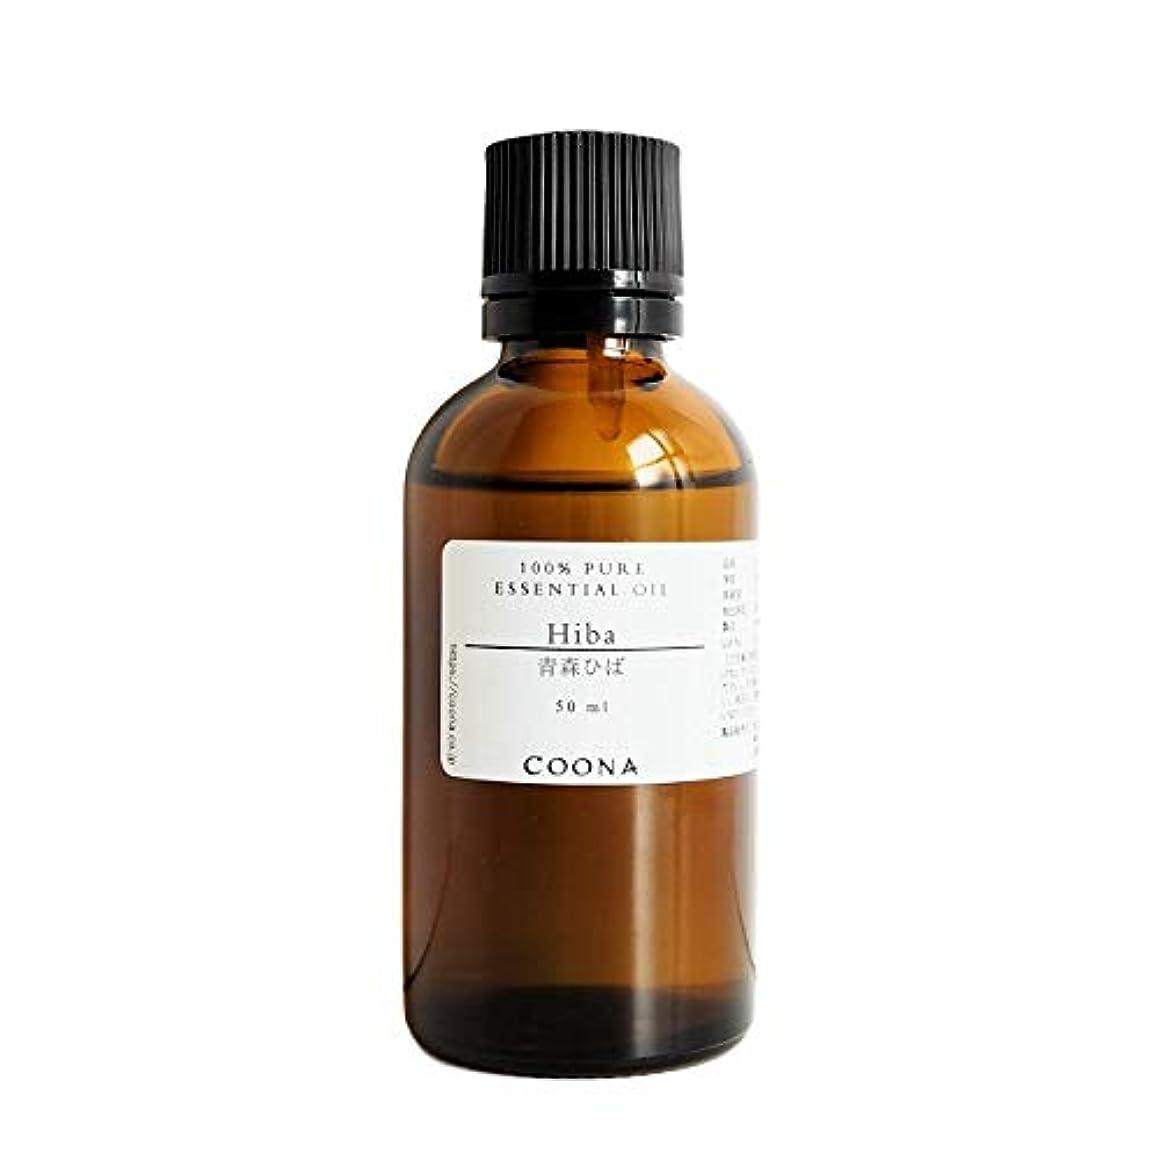 パトロール主人土器青森ひば 50 ml (COONA エッセンシャルオイル アロマオイル 100% 天然植物精油)